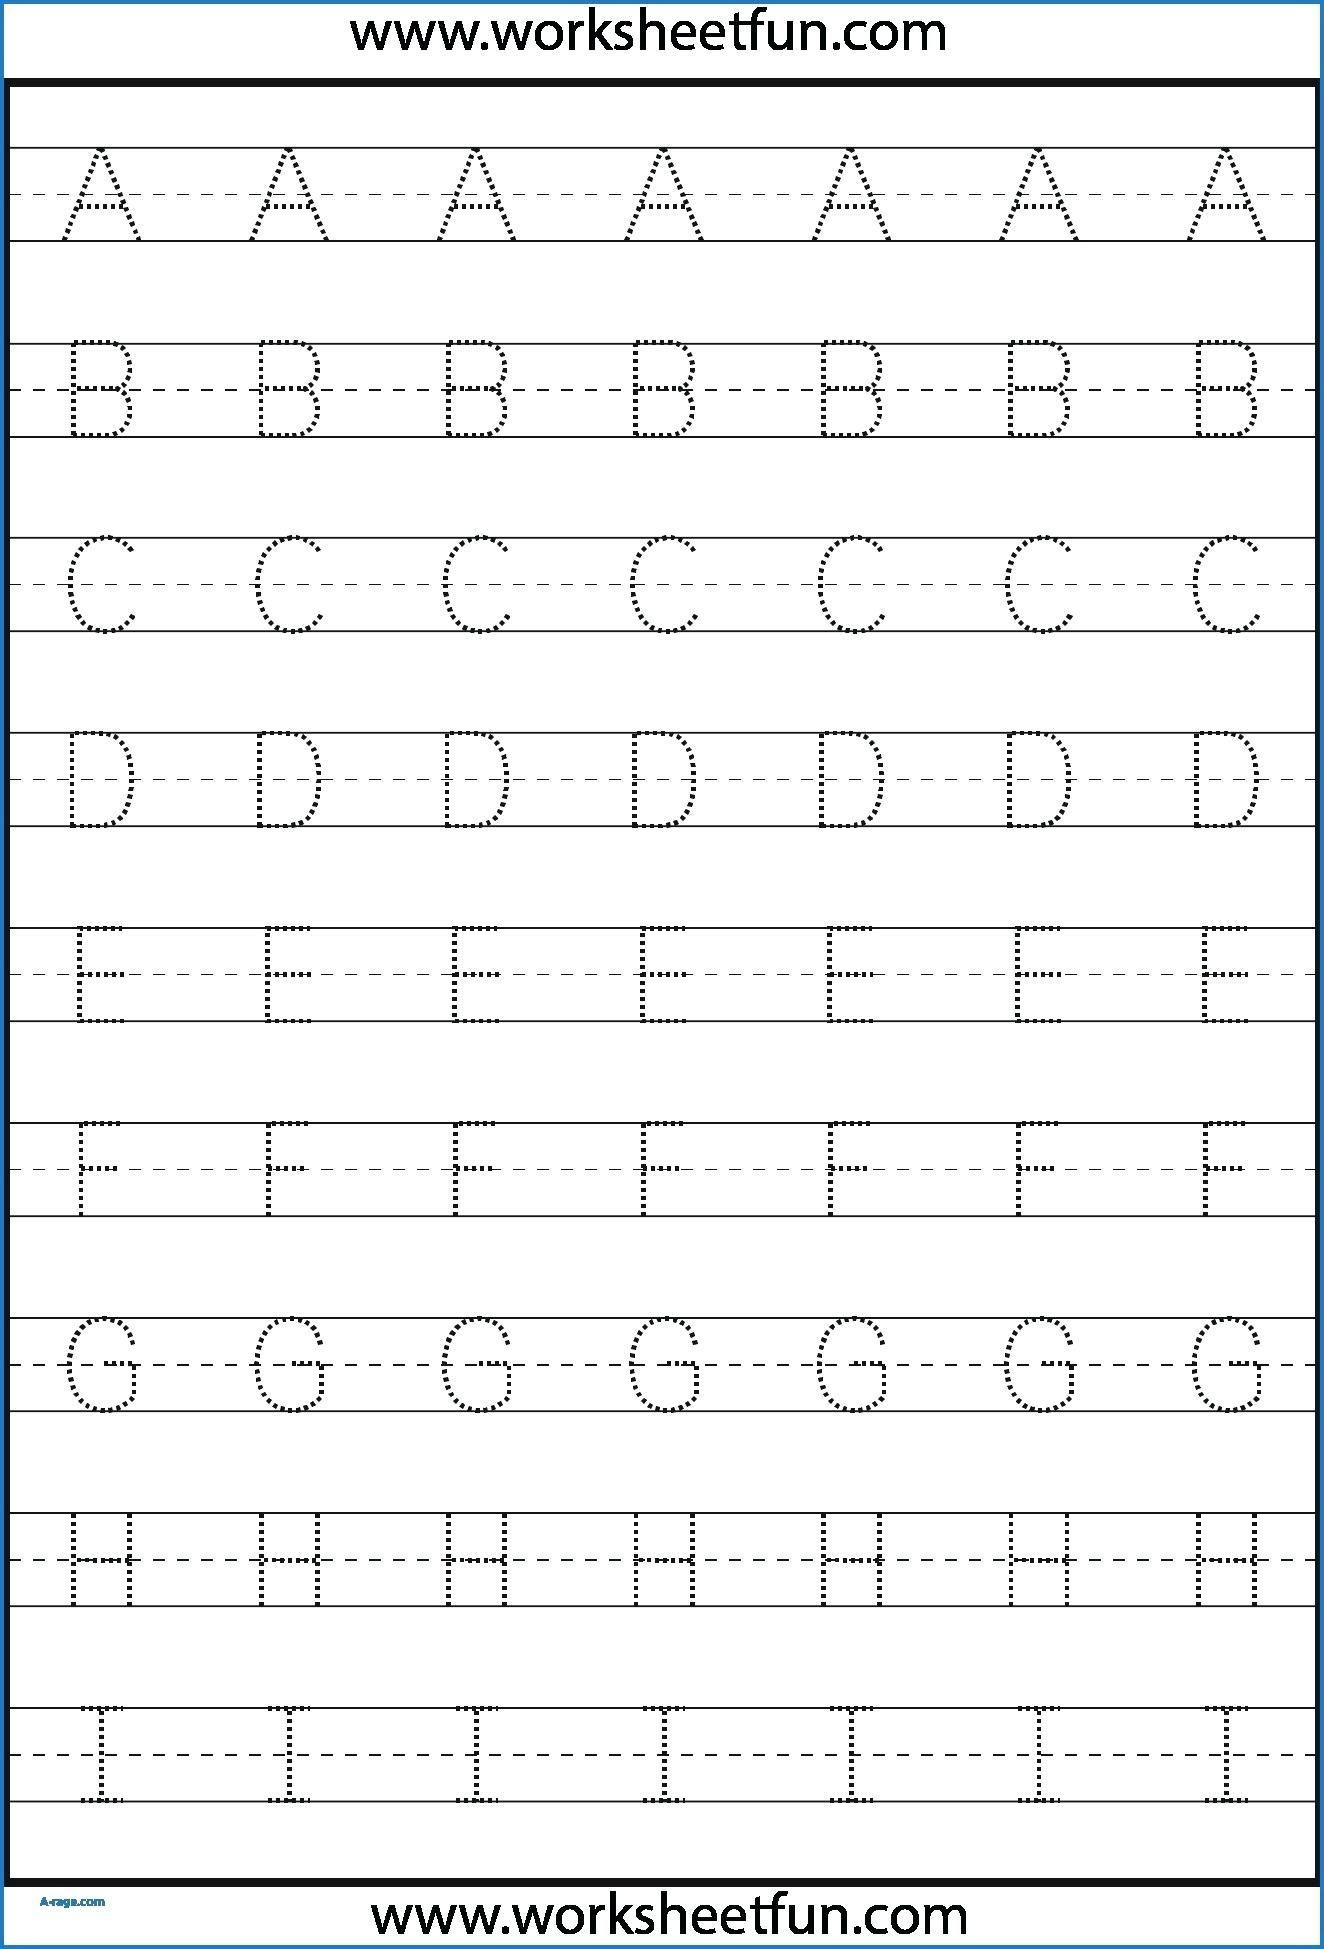 Kindergarten Letter Tracing Worksheets Pdf - Wallpaper Image for Letter K Worksheets Pdf